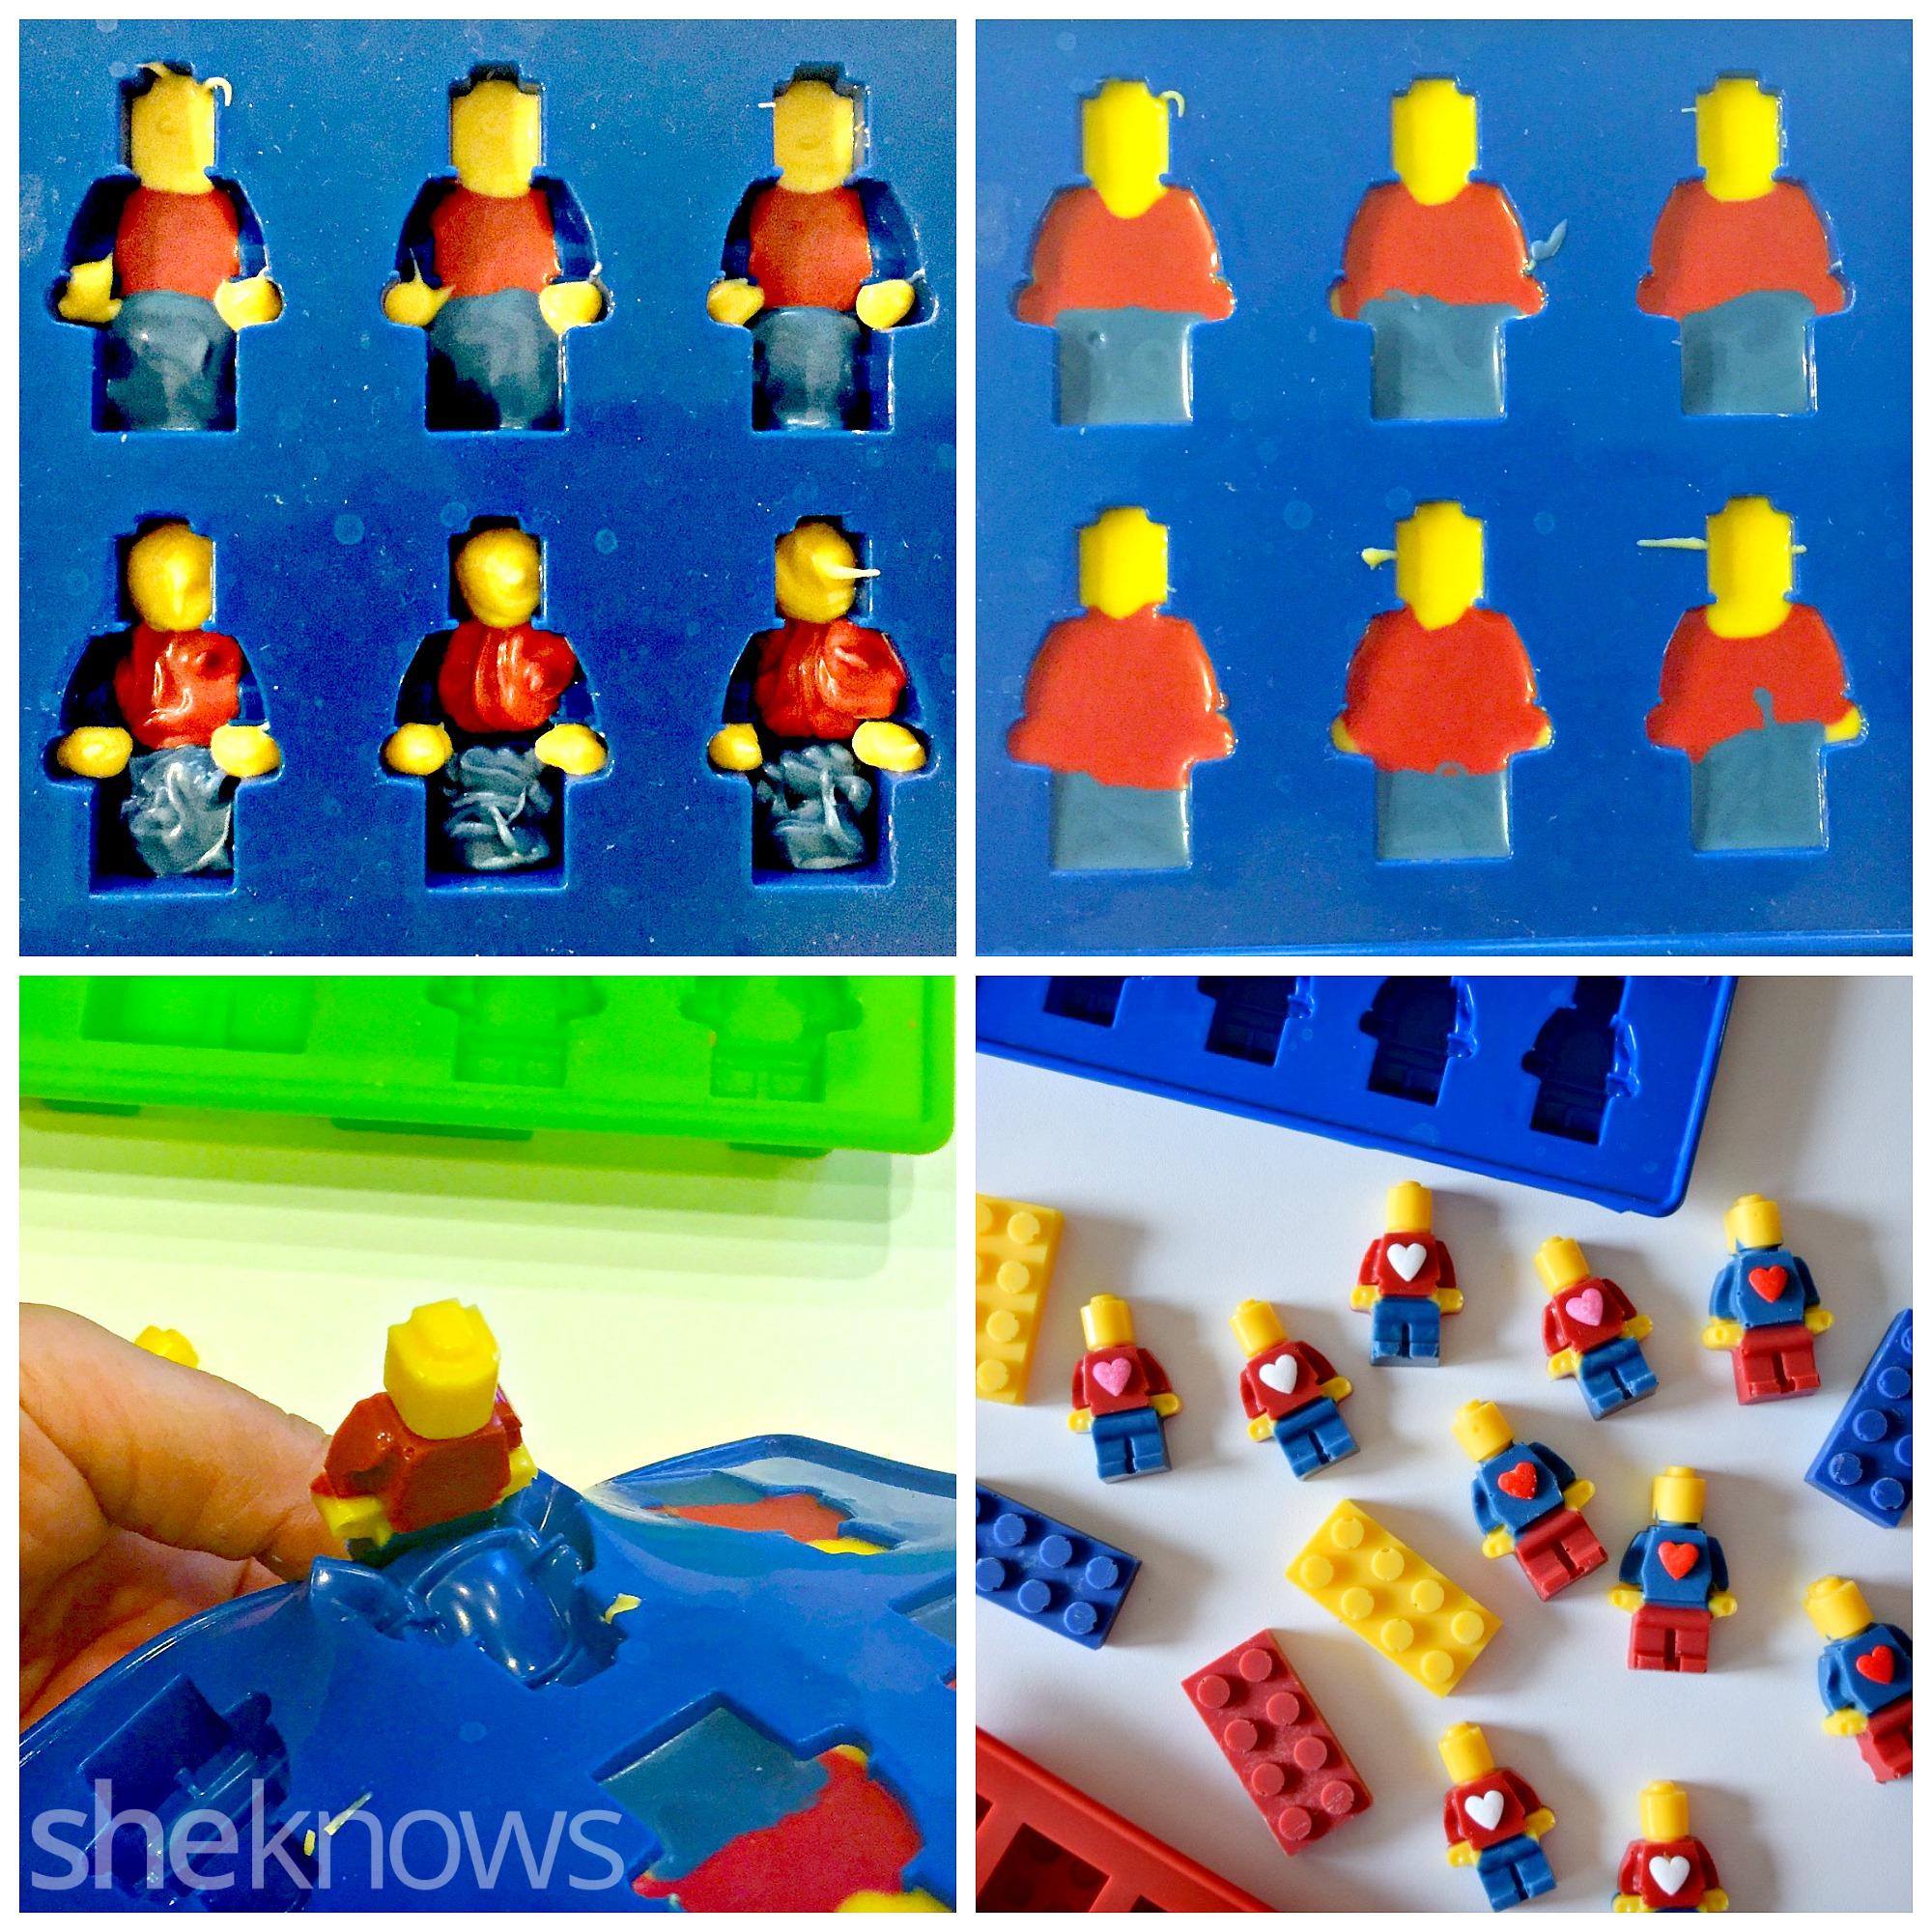 Candy Lego